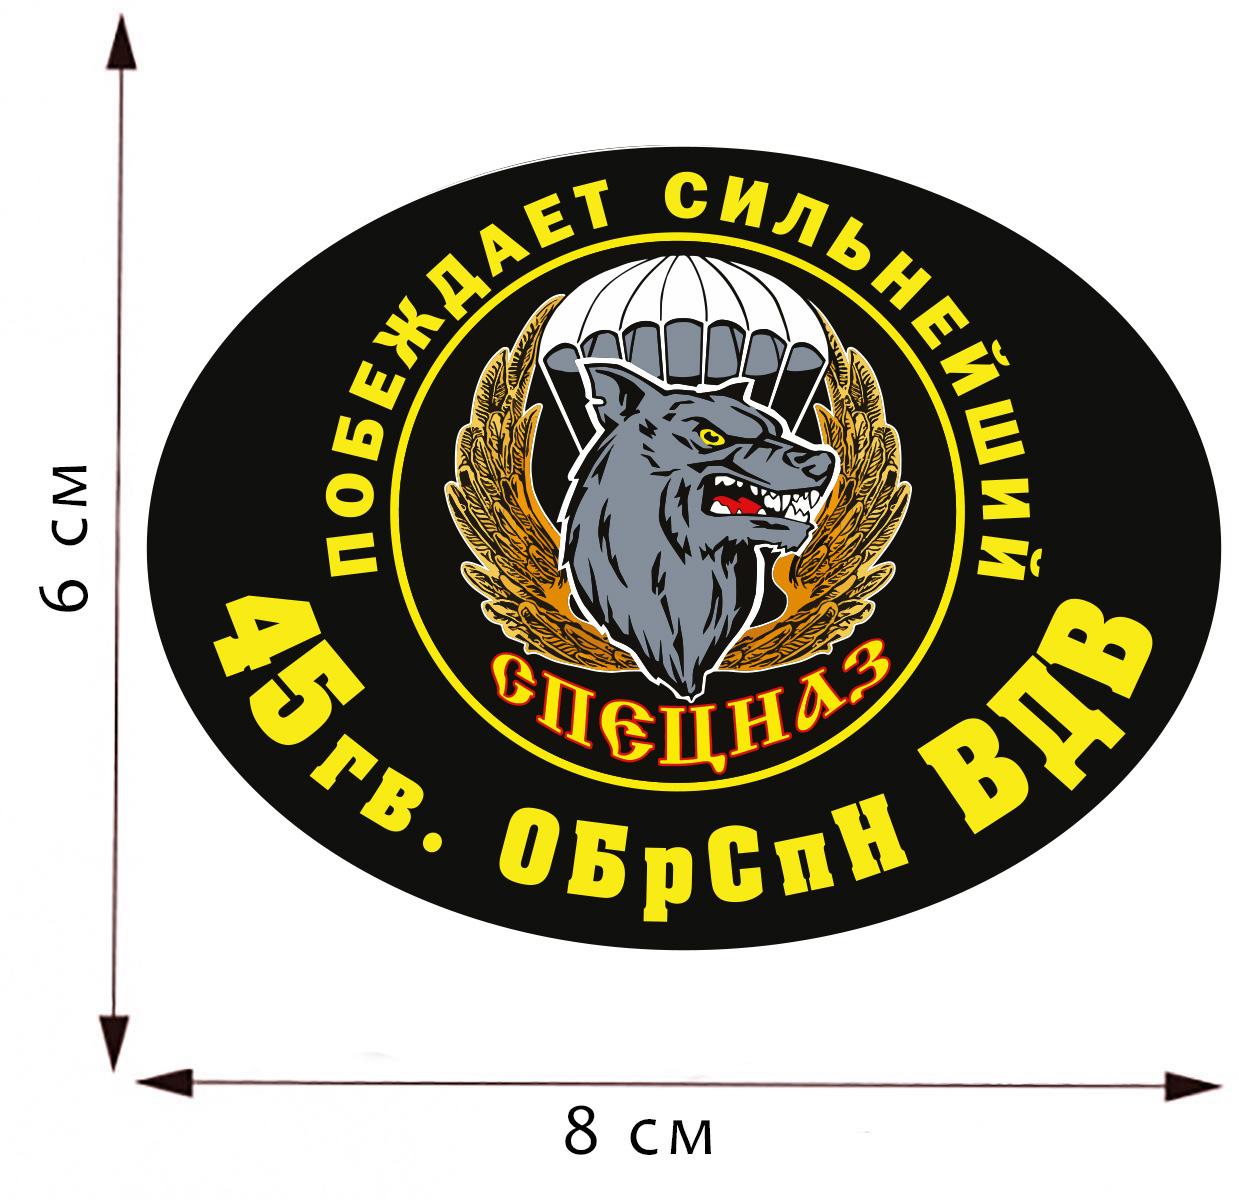 Купить стойкую наклейку-термотрансфер 45 гв. ОБрСпН ВДВ онлайн